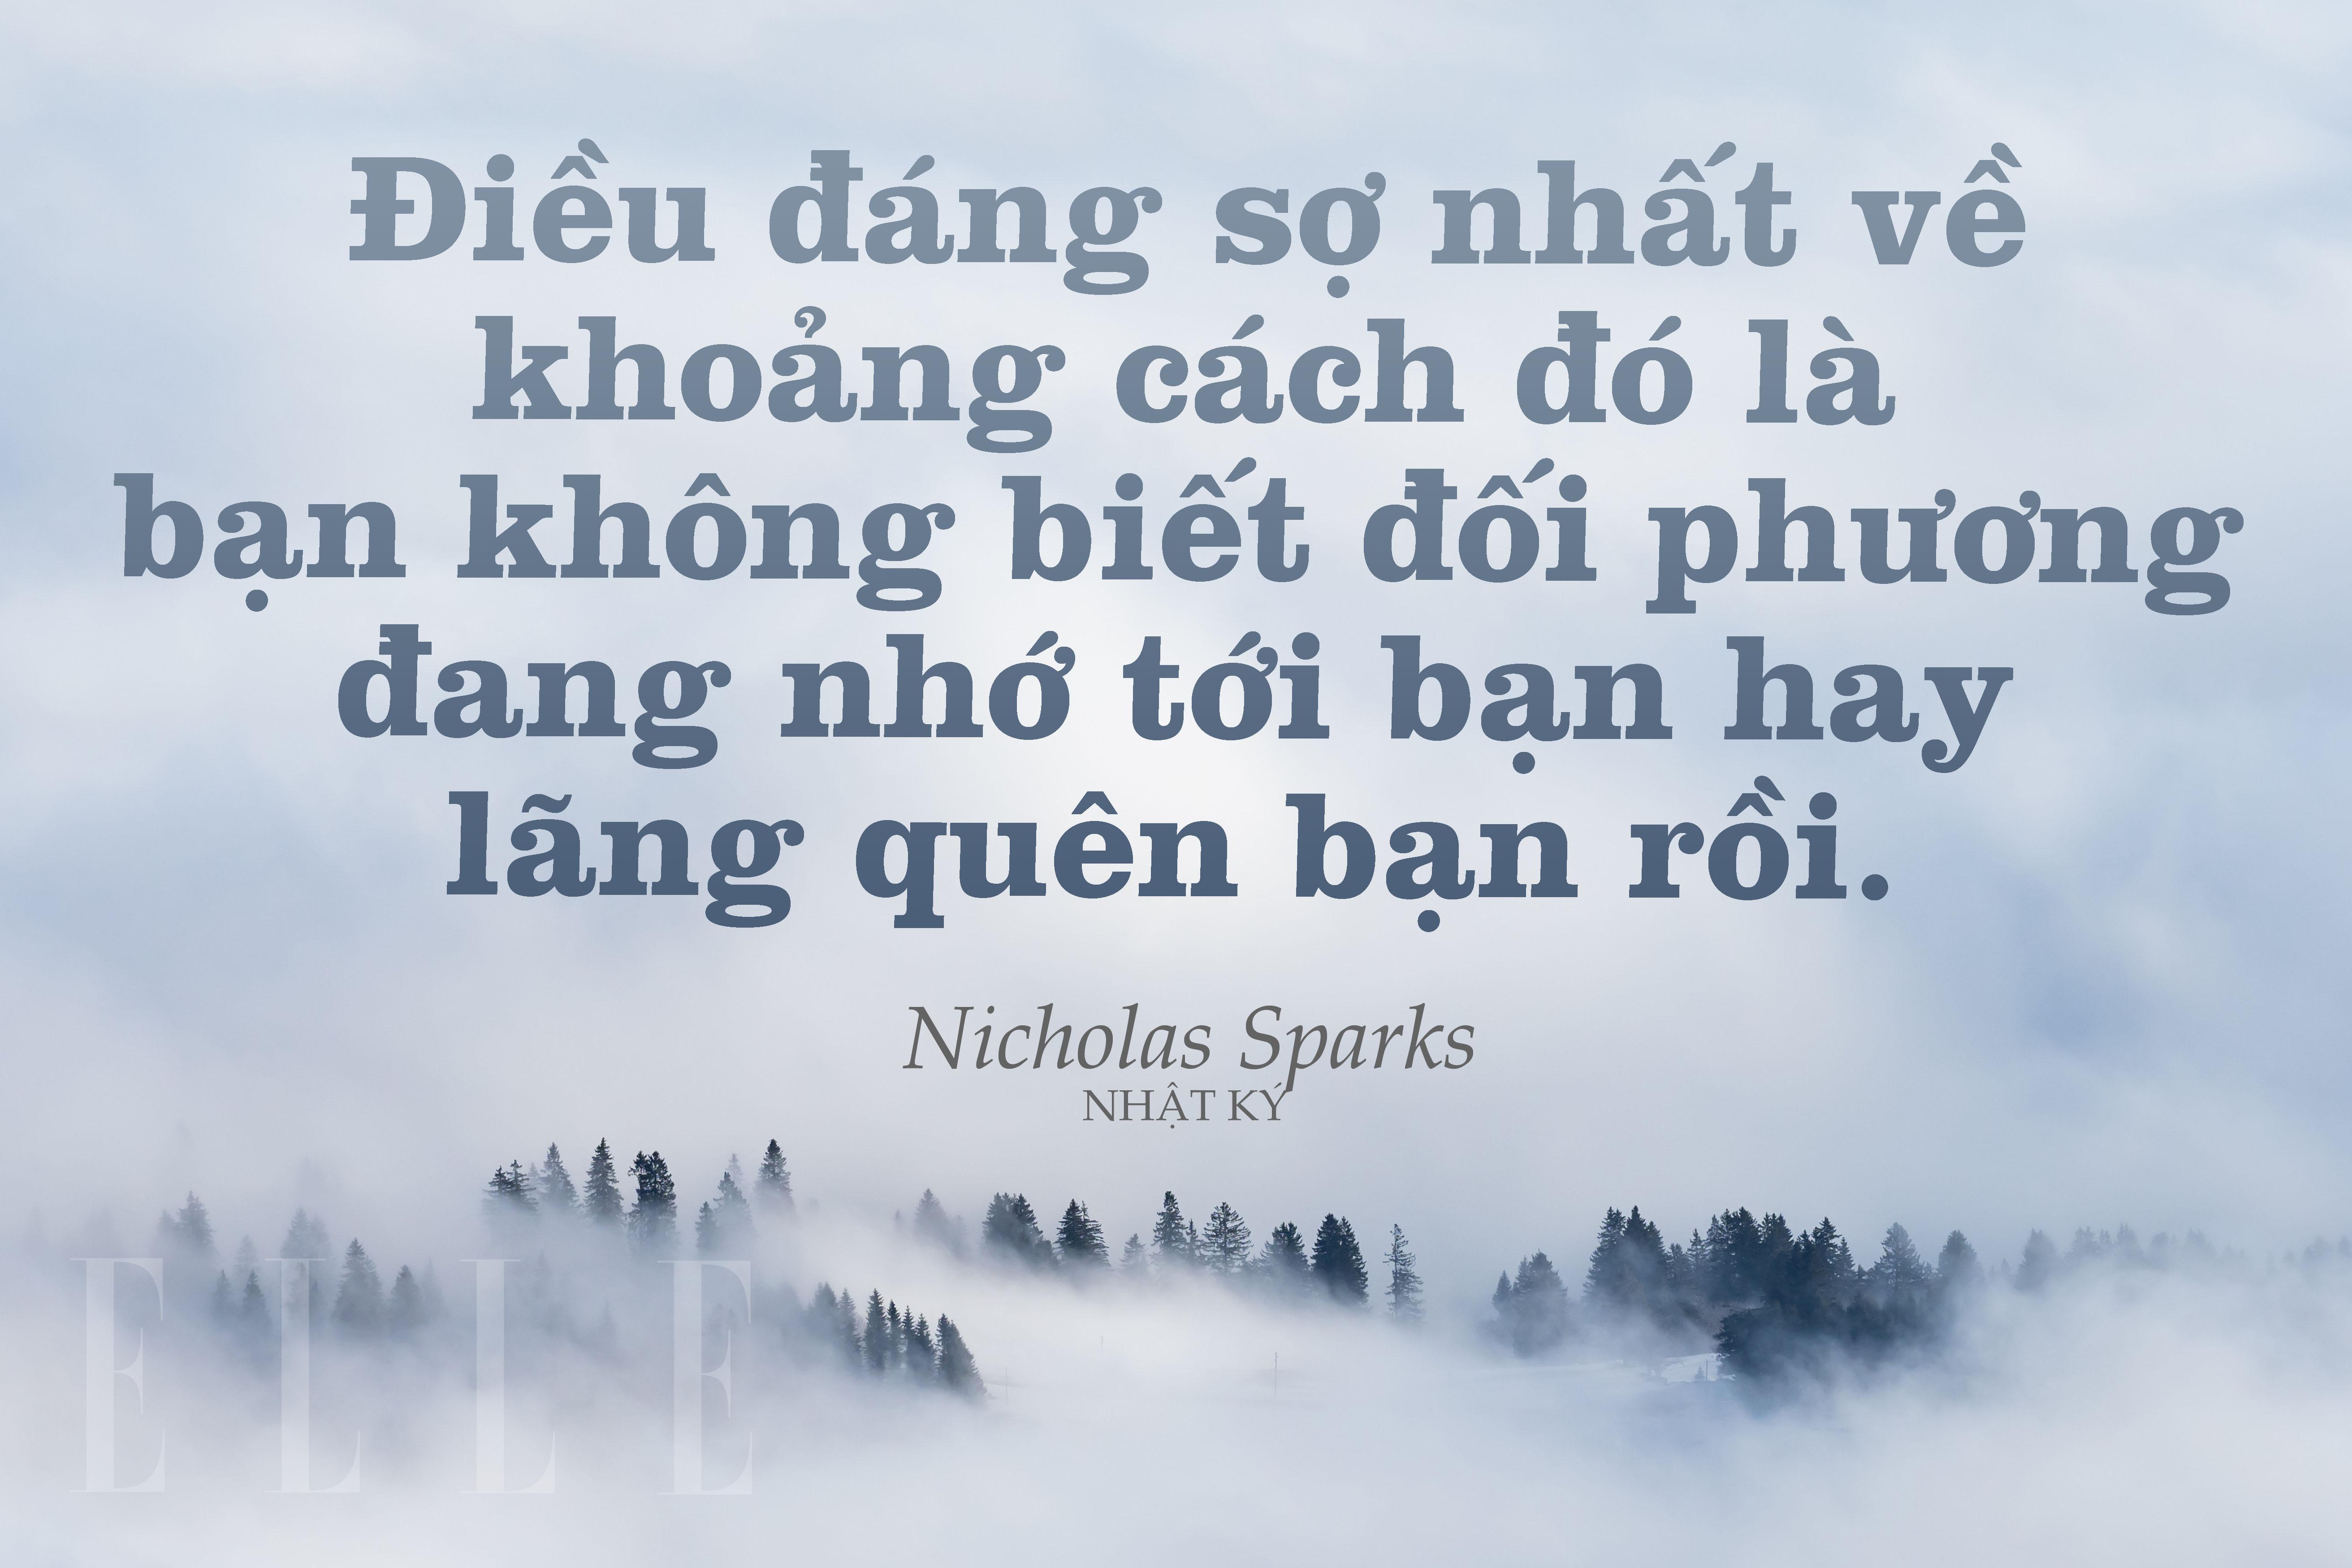 Nicholas Sparks 11